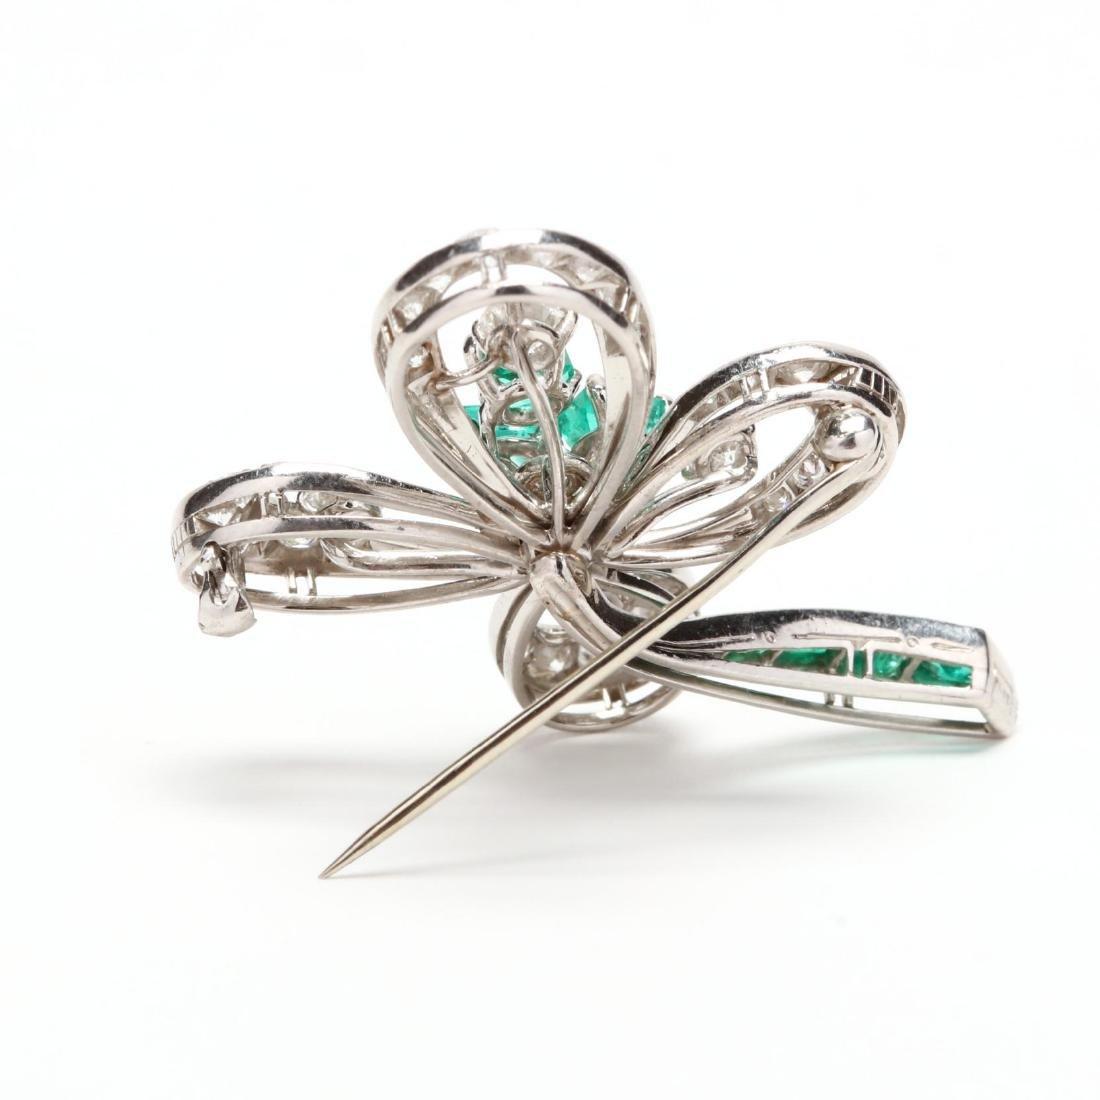 Platinum, Emerald, and Diamond Brooch - 2